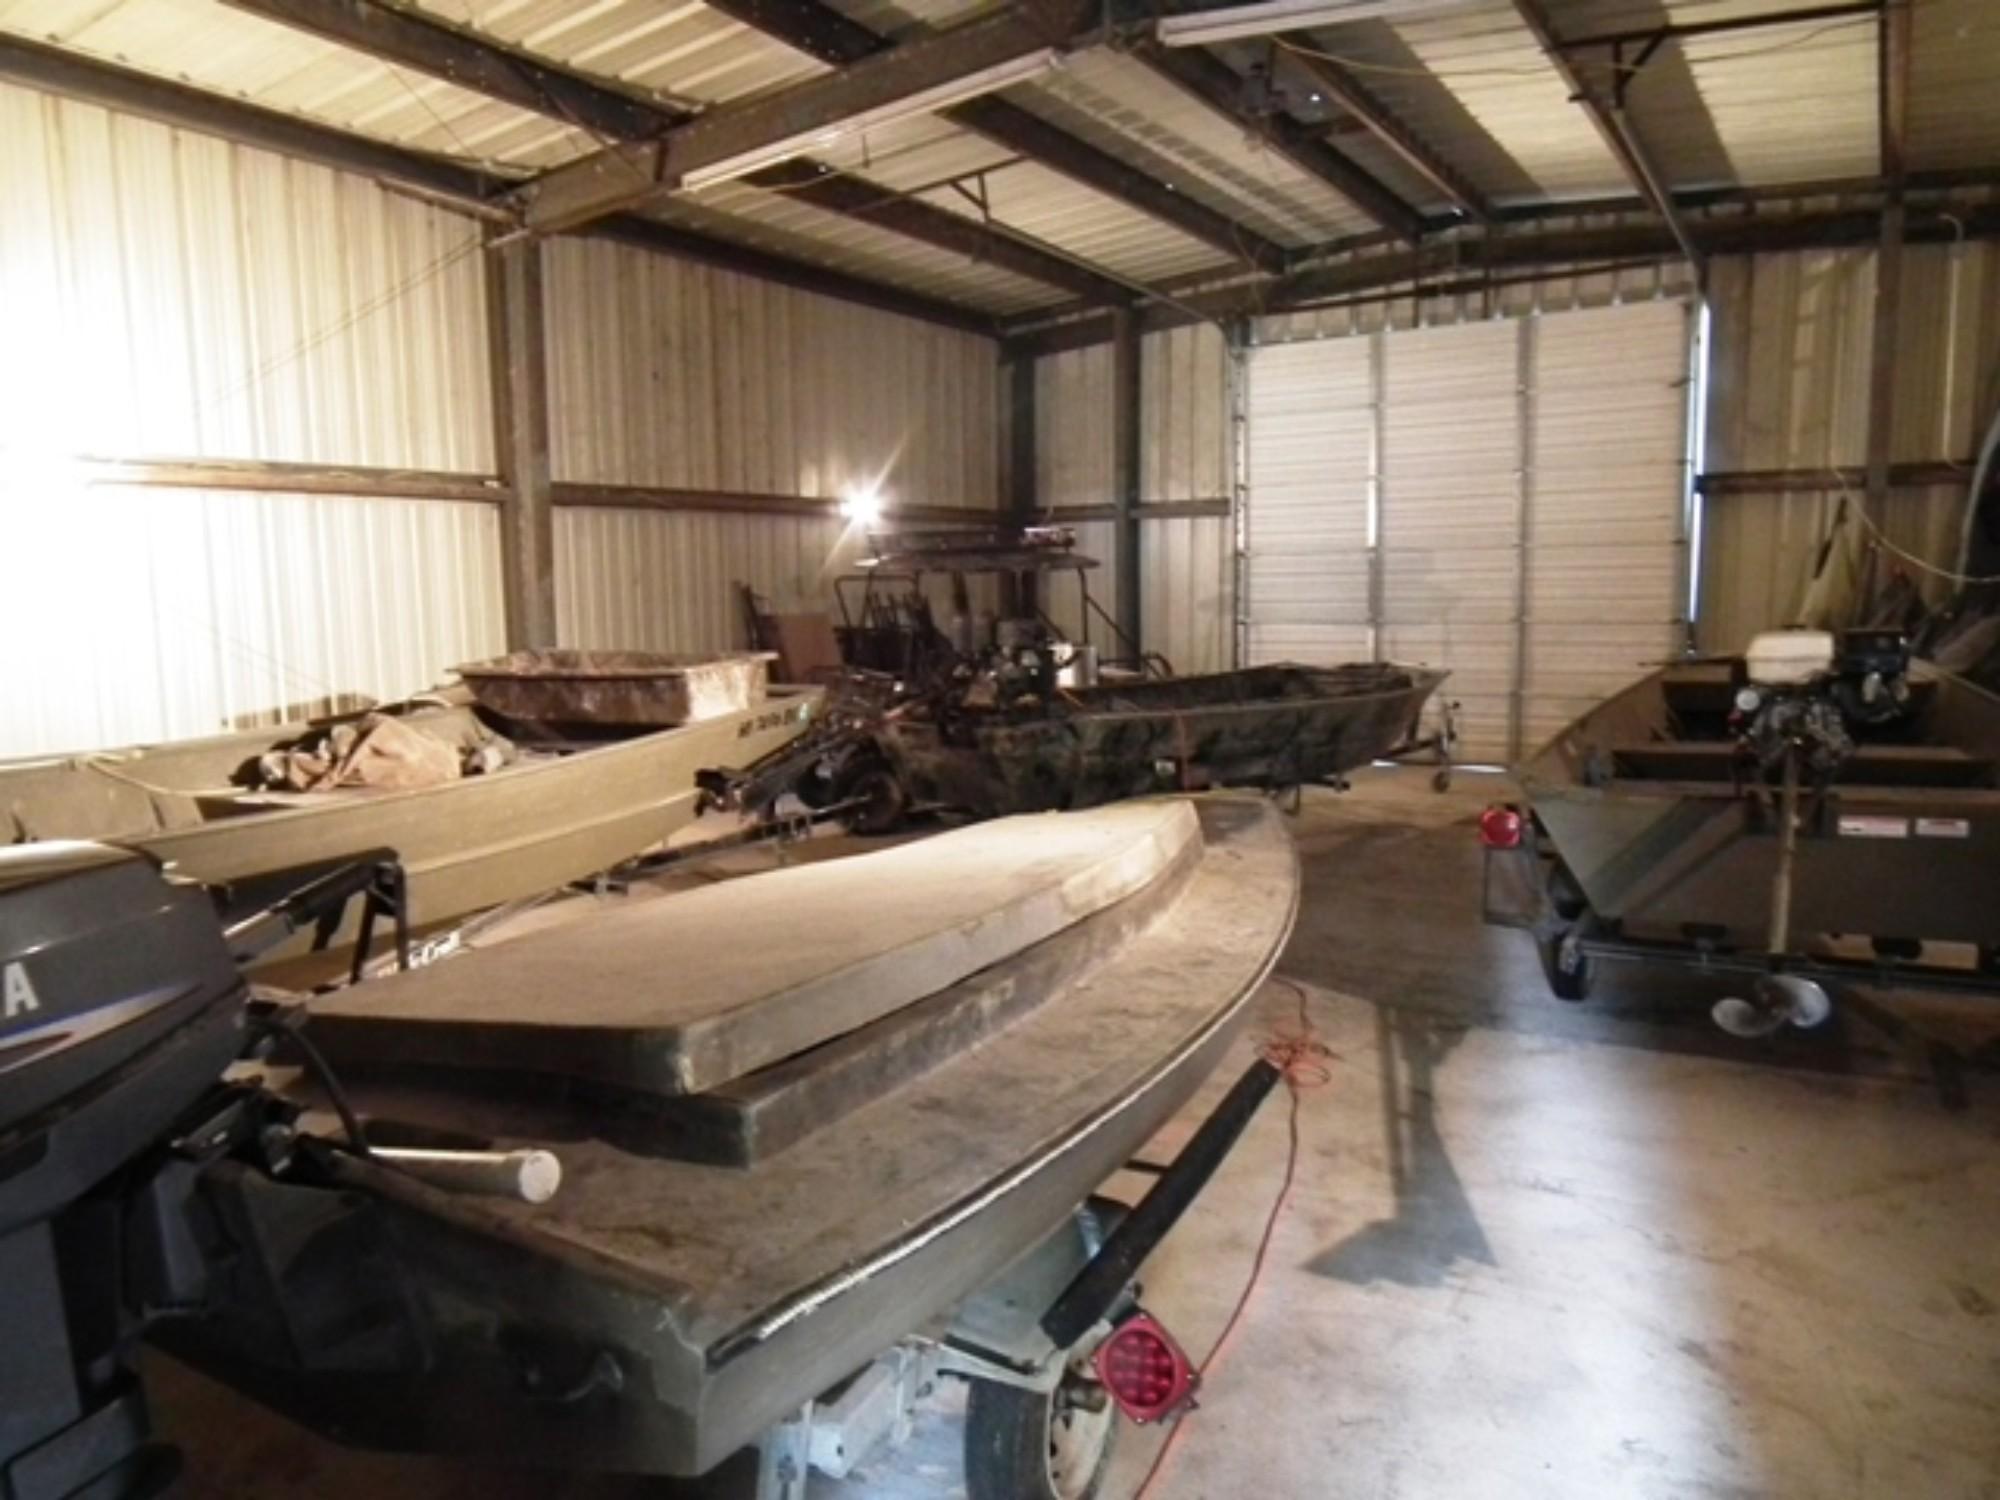 13-Boats